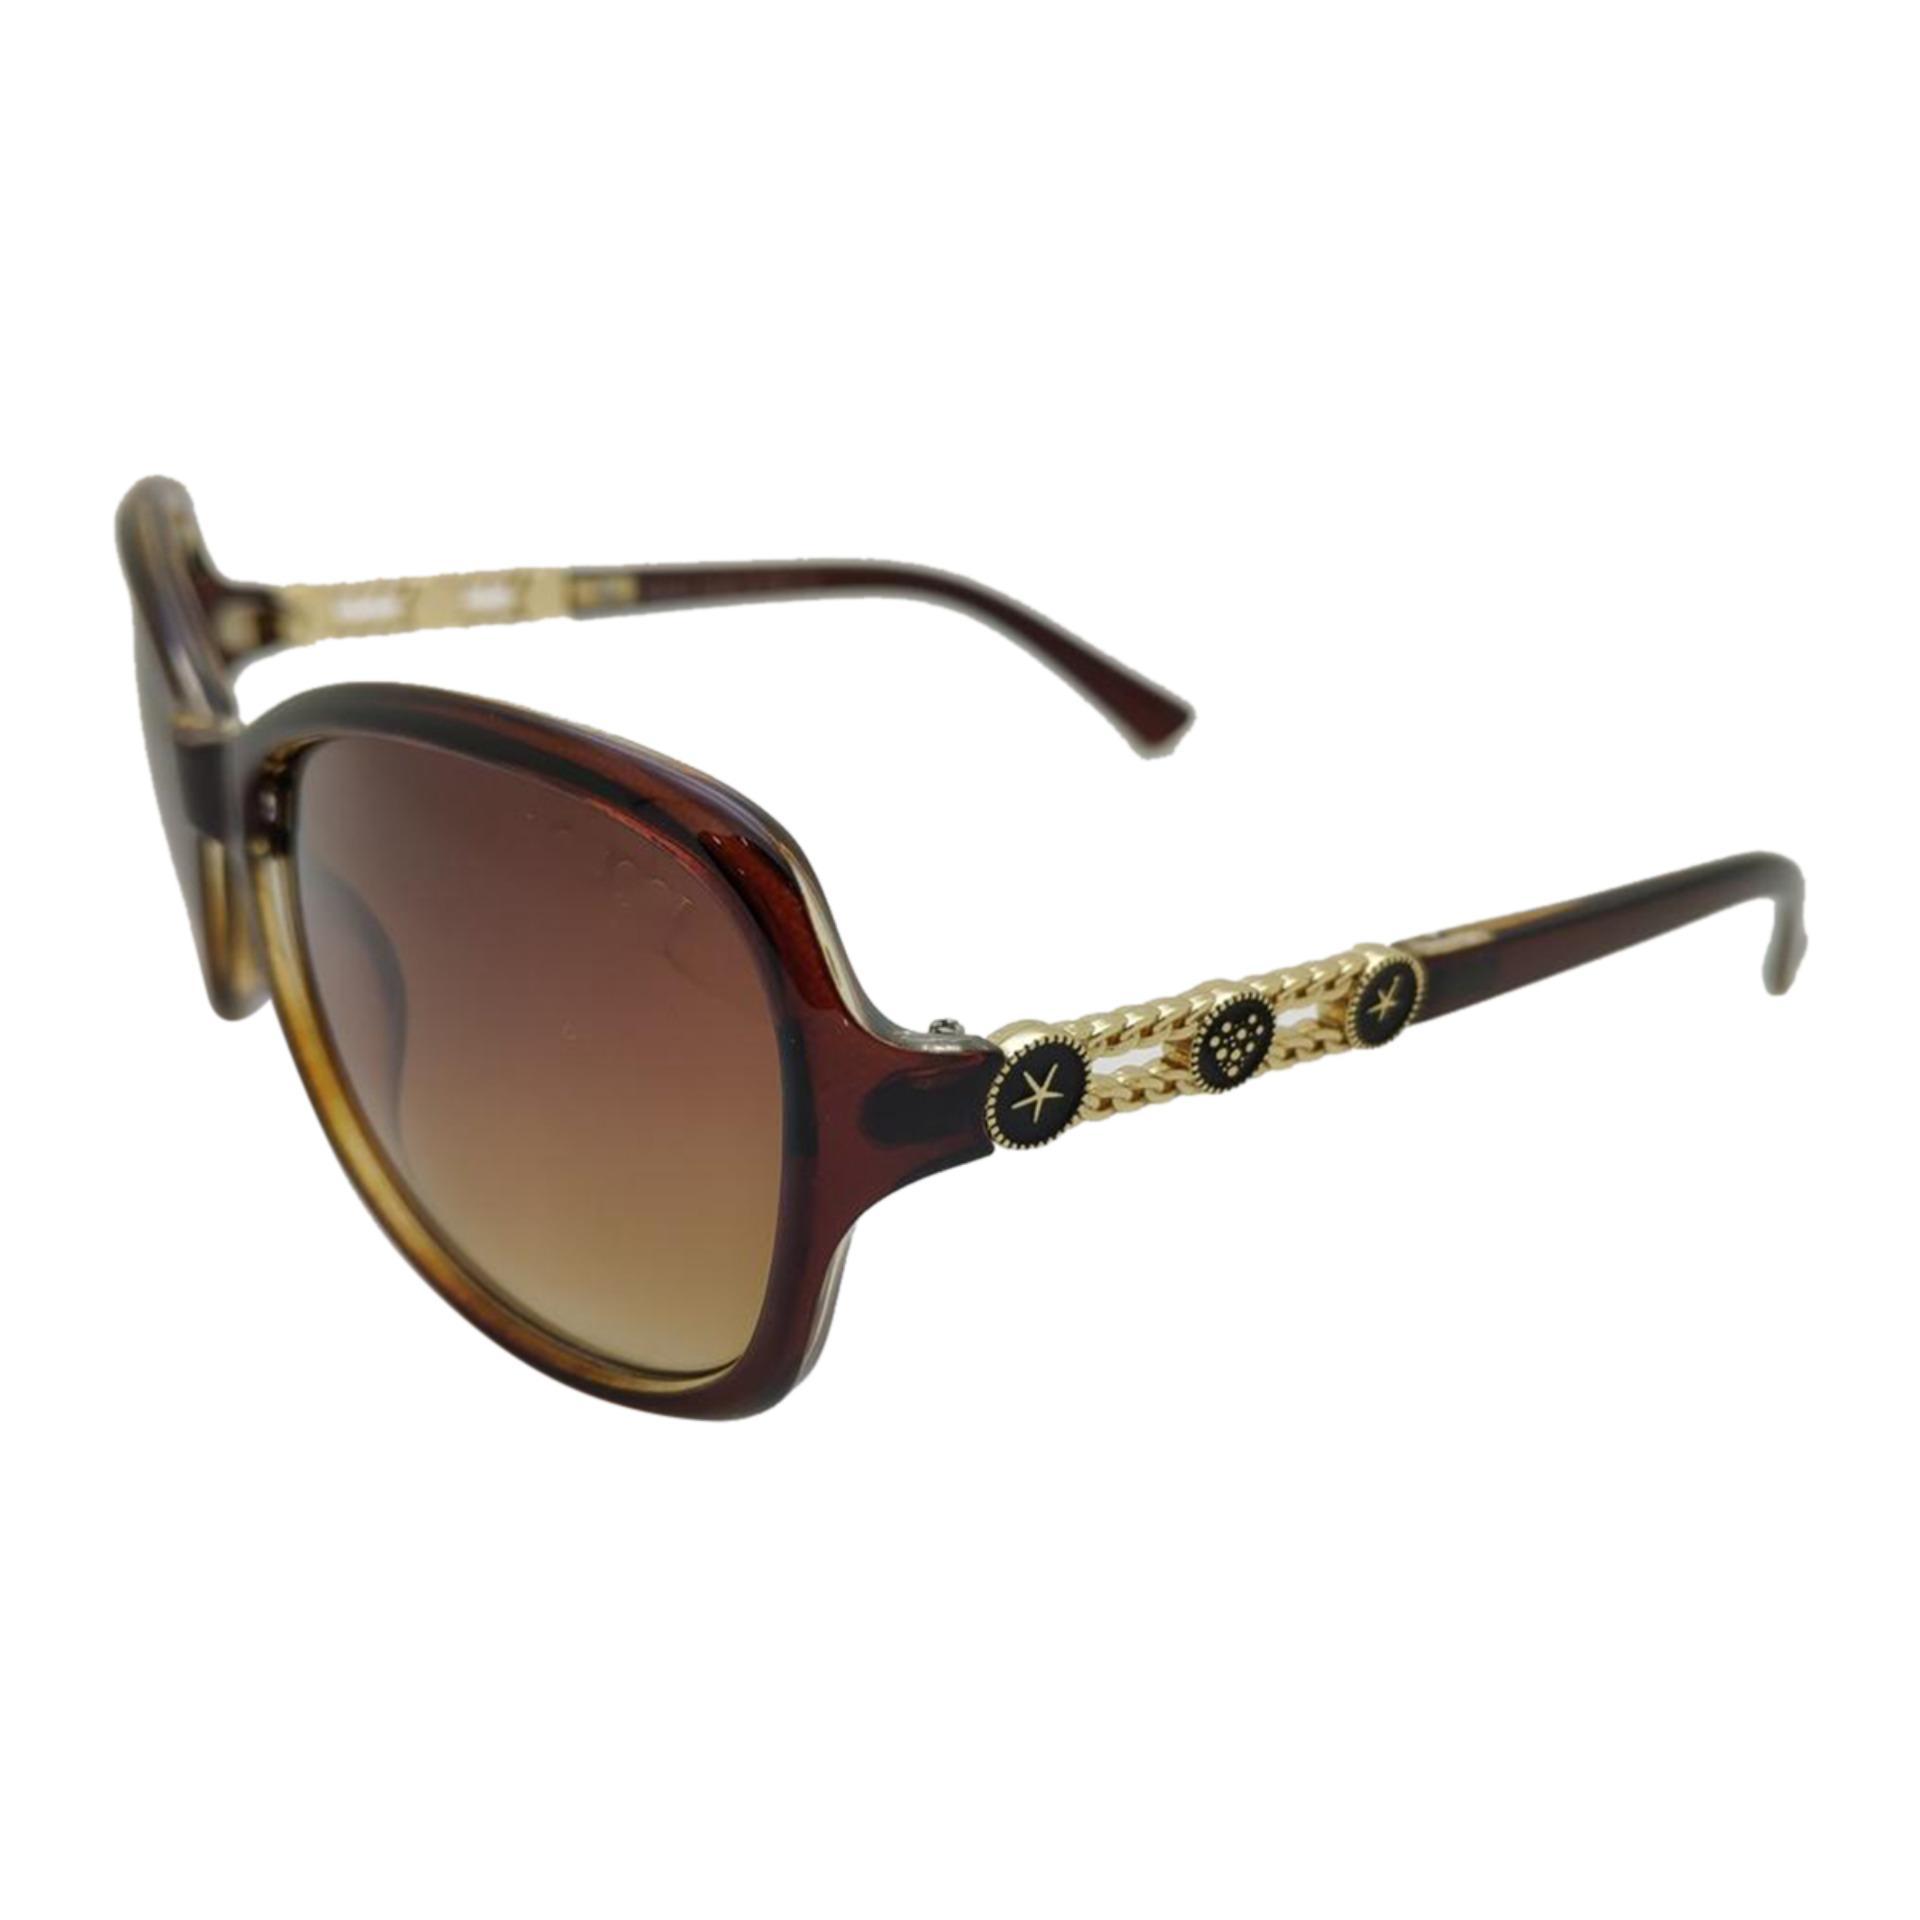 32100949a9d4 Buy Tarek Chasma Ghar Eyewear Glasses at Best Prices Online in ...